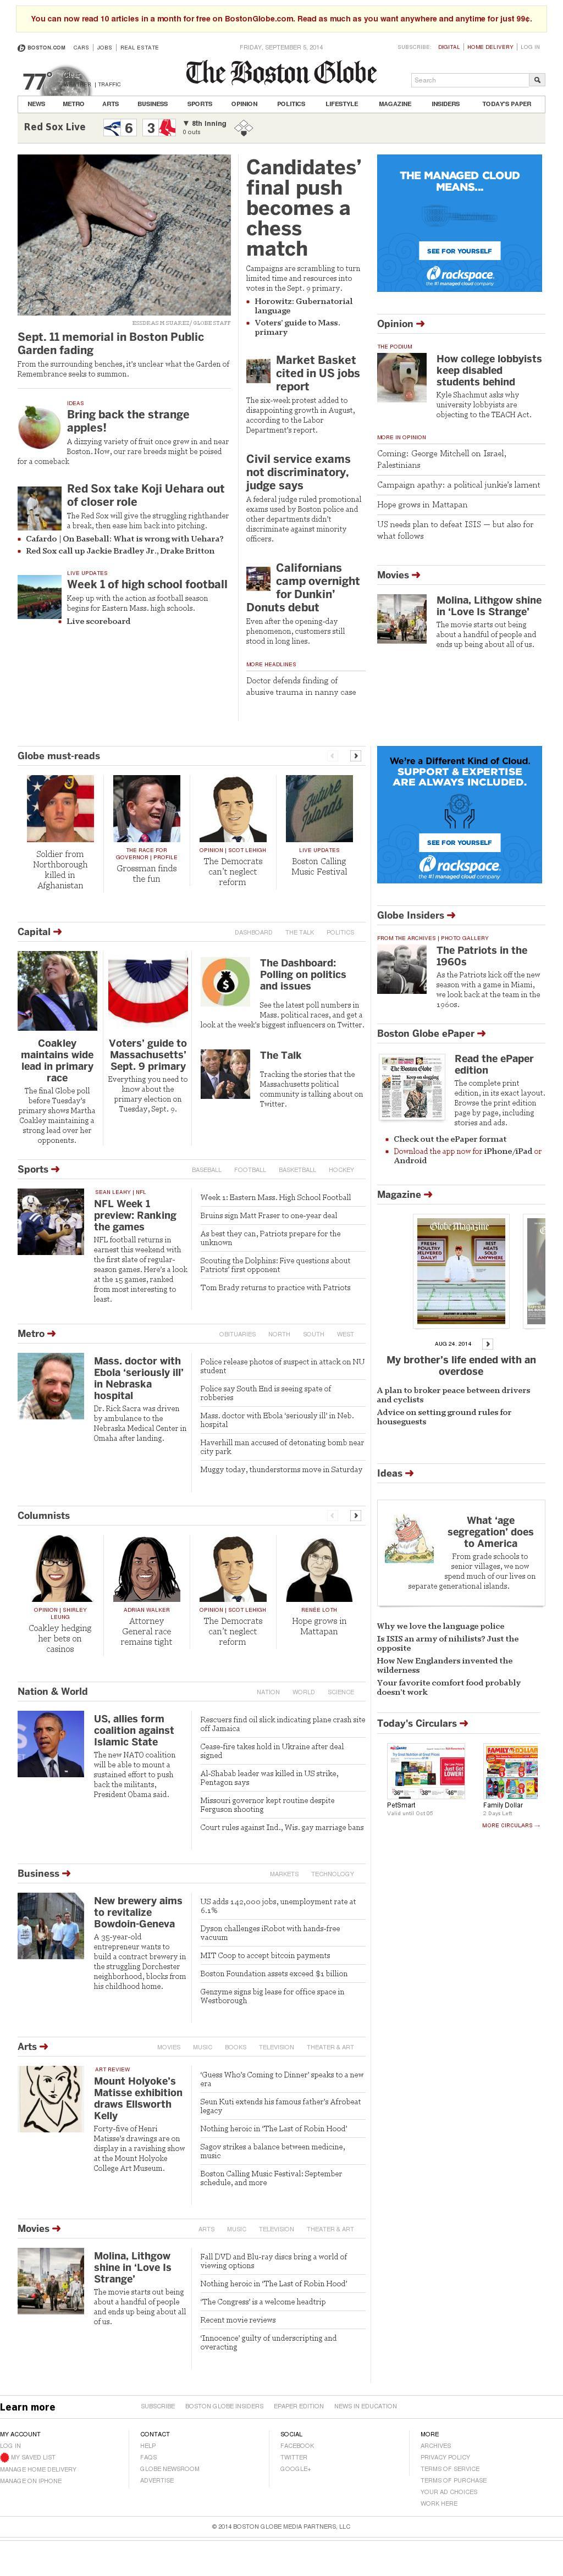 The Boston Globe at Saturday Sept. 6, 2014, 2:02 a.m. UTC